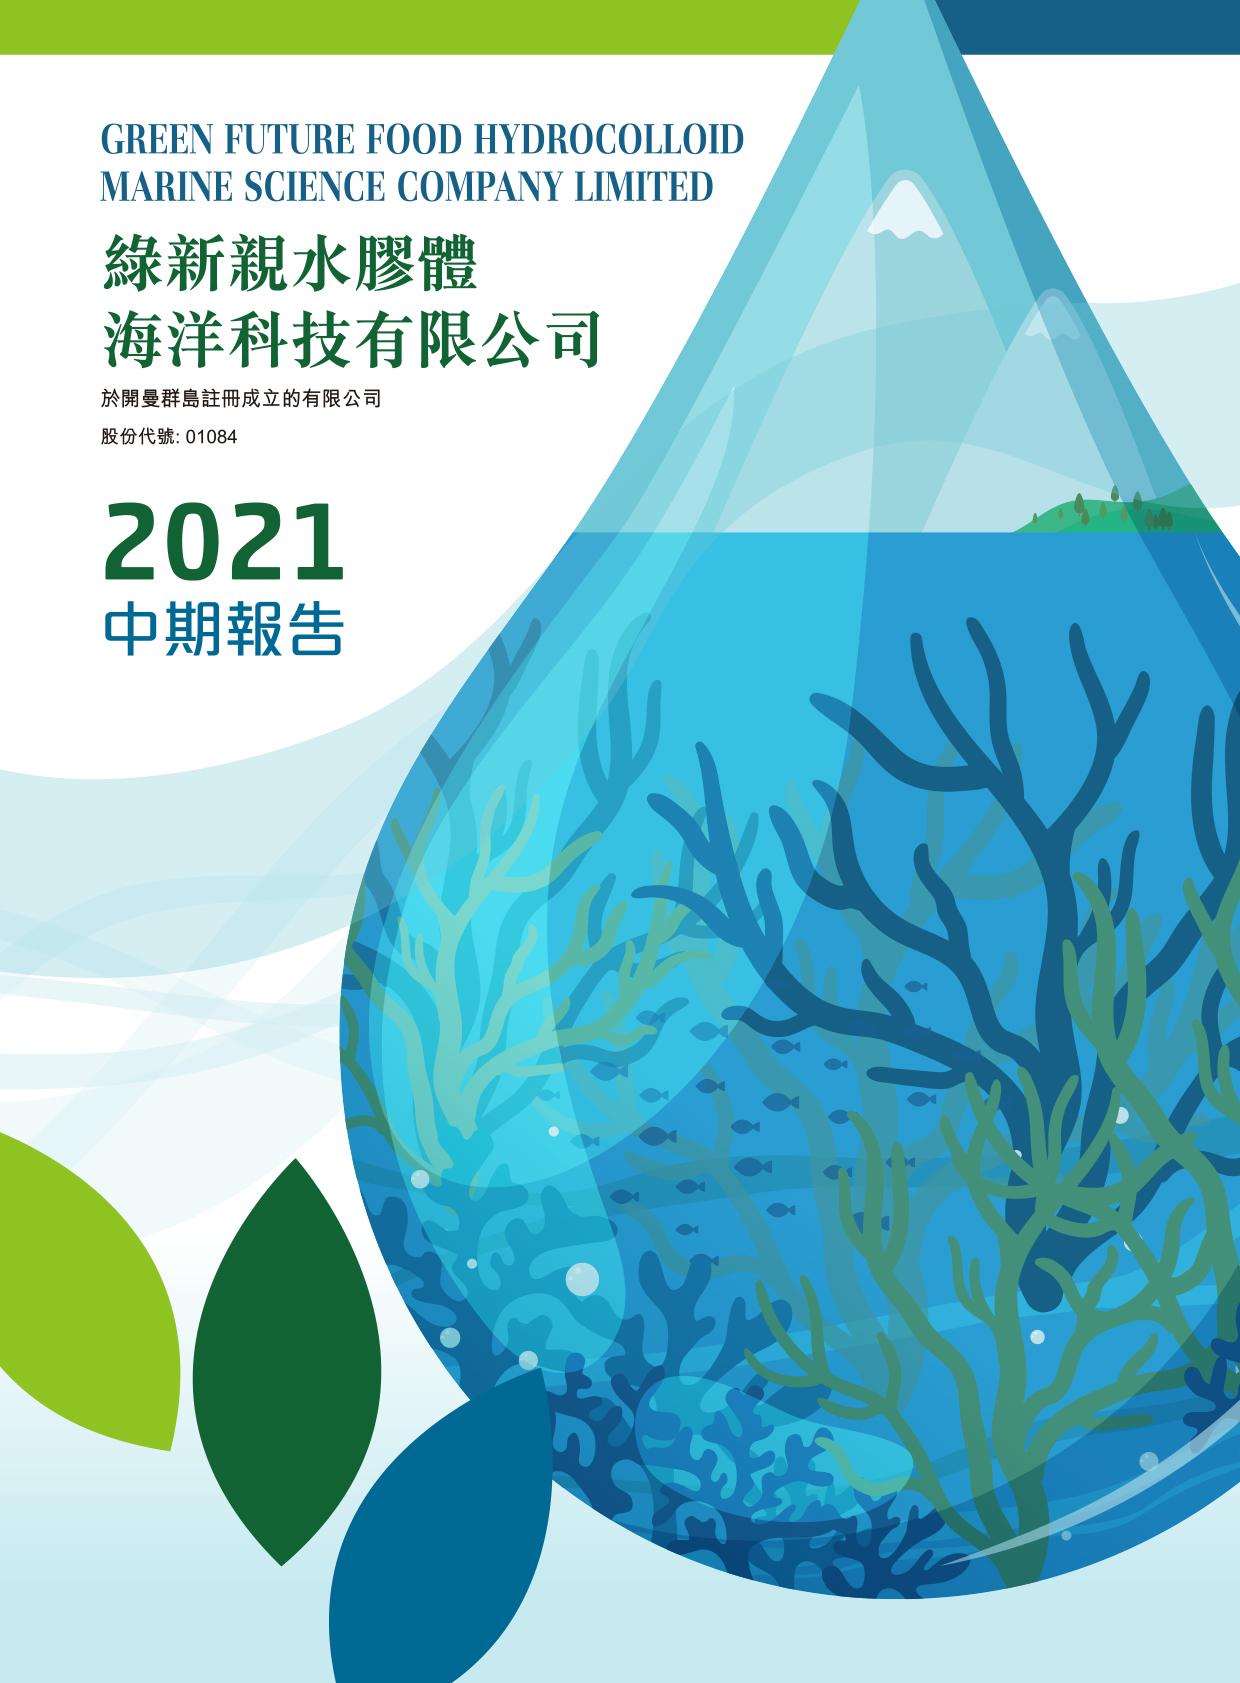 綠新親水膠體海洋科技有限公司